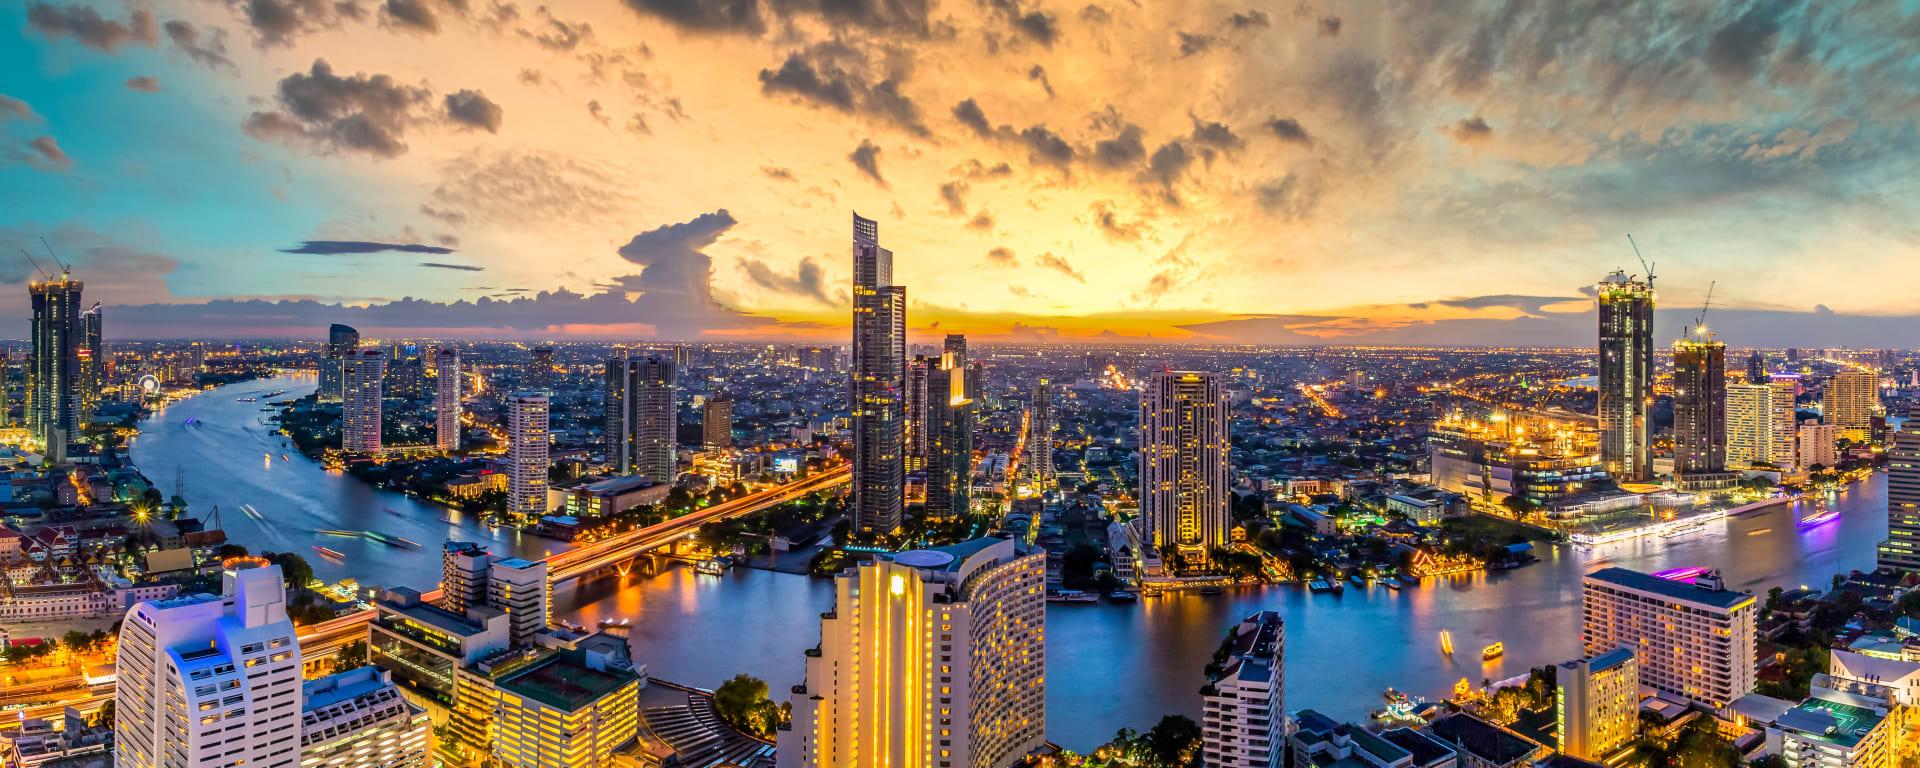 Thailand entdecken mit Tischler Reisen: Thailand Bangkok Panorama